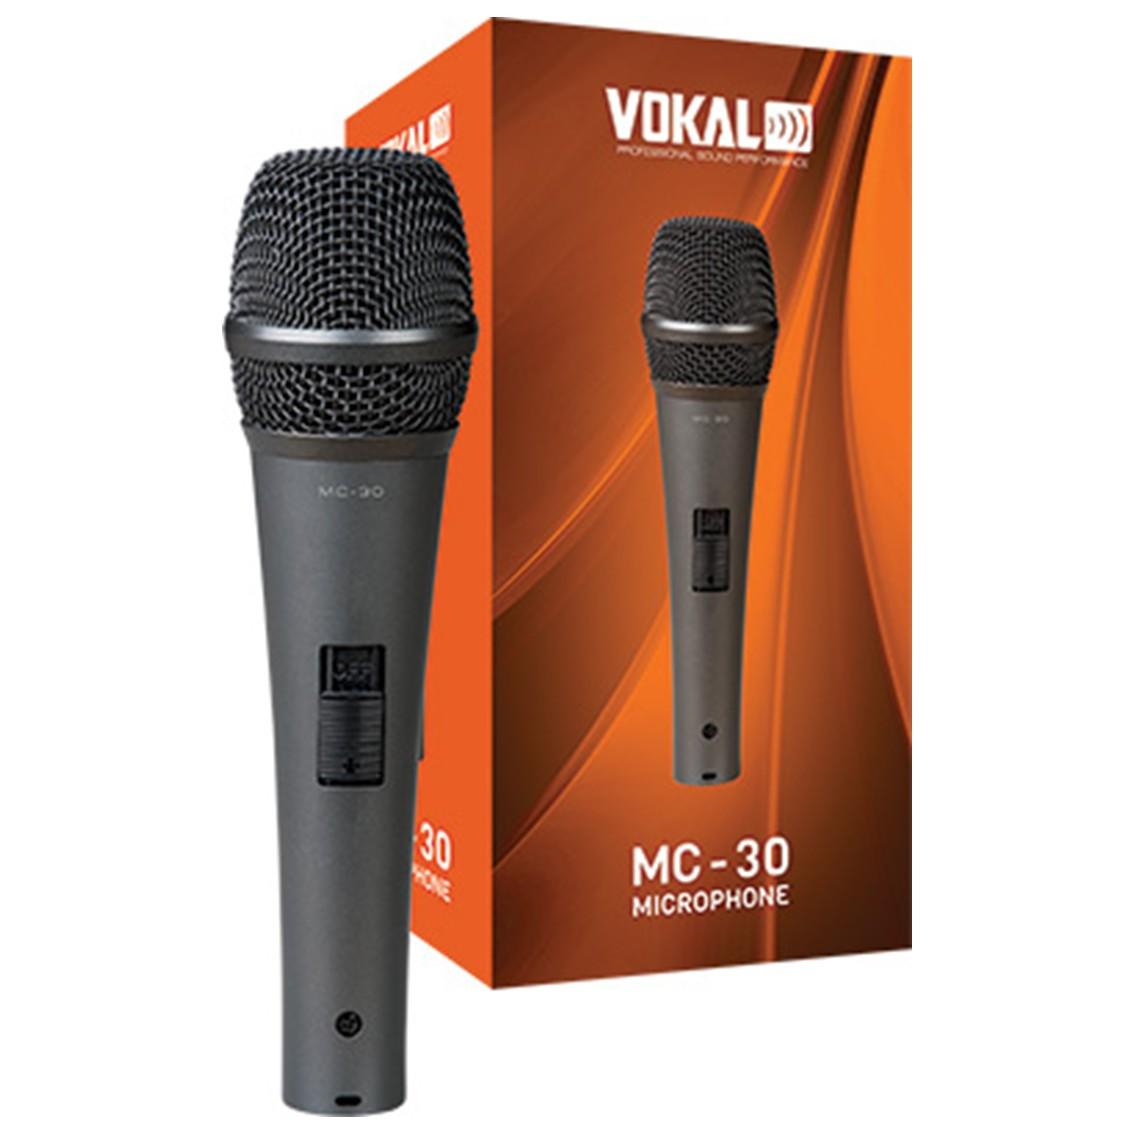 Imagem do produto Microfone com Fio Vokal MC-30